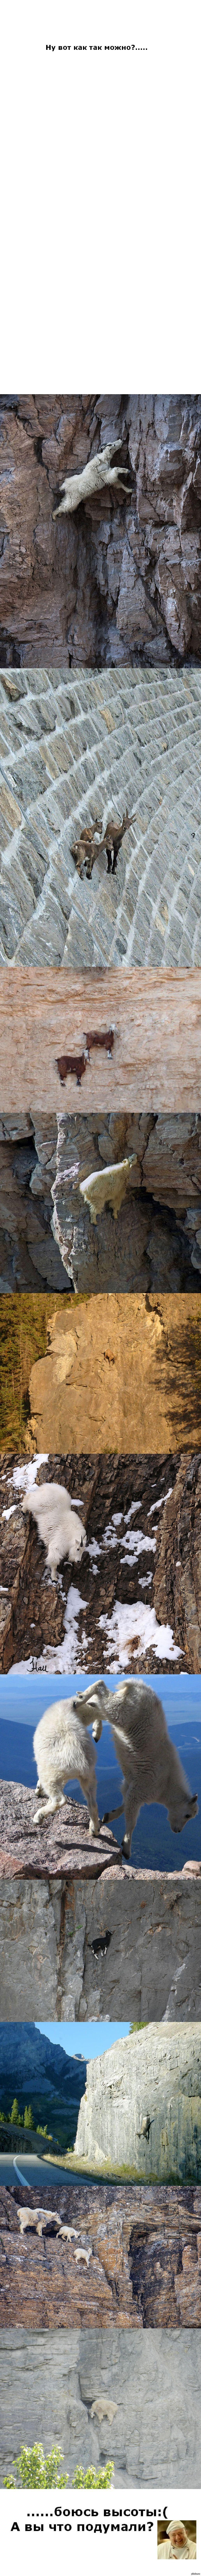 Не могу молчать! Каждый раз как вижу этих животных, этих козлов горных, блин!